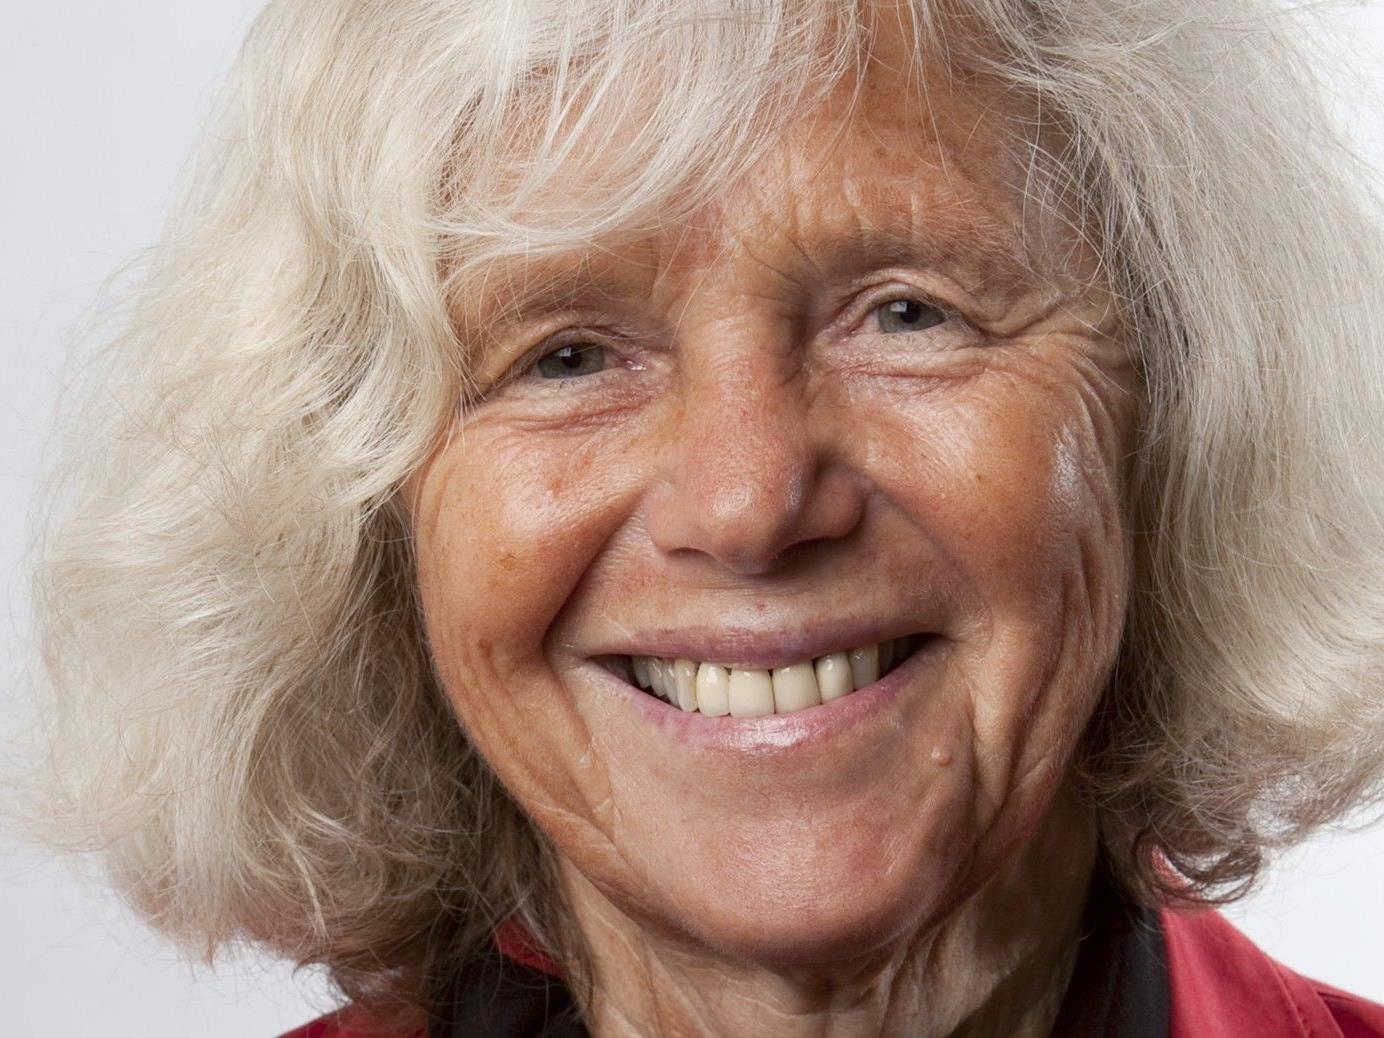 """Verena Kast als Referentin zum Thema """"Vom Umgang mit der Trauer"""" im Pfarrsaal Tisis am 7. November"""